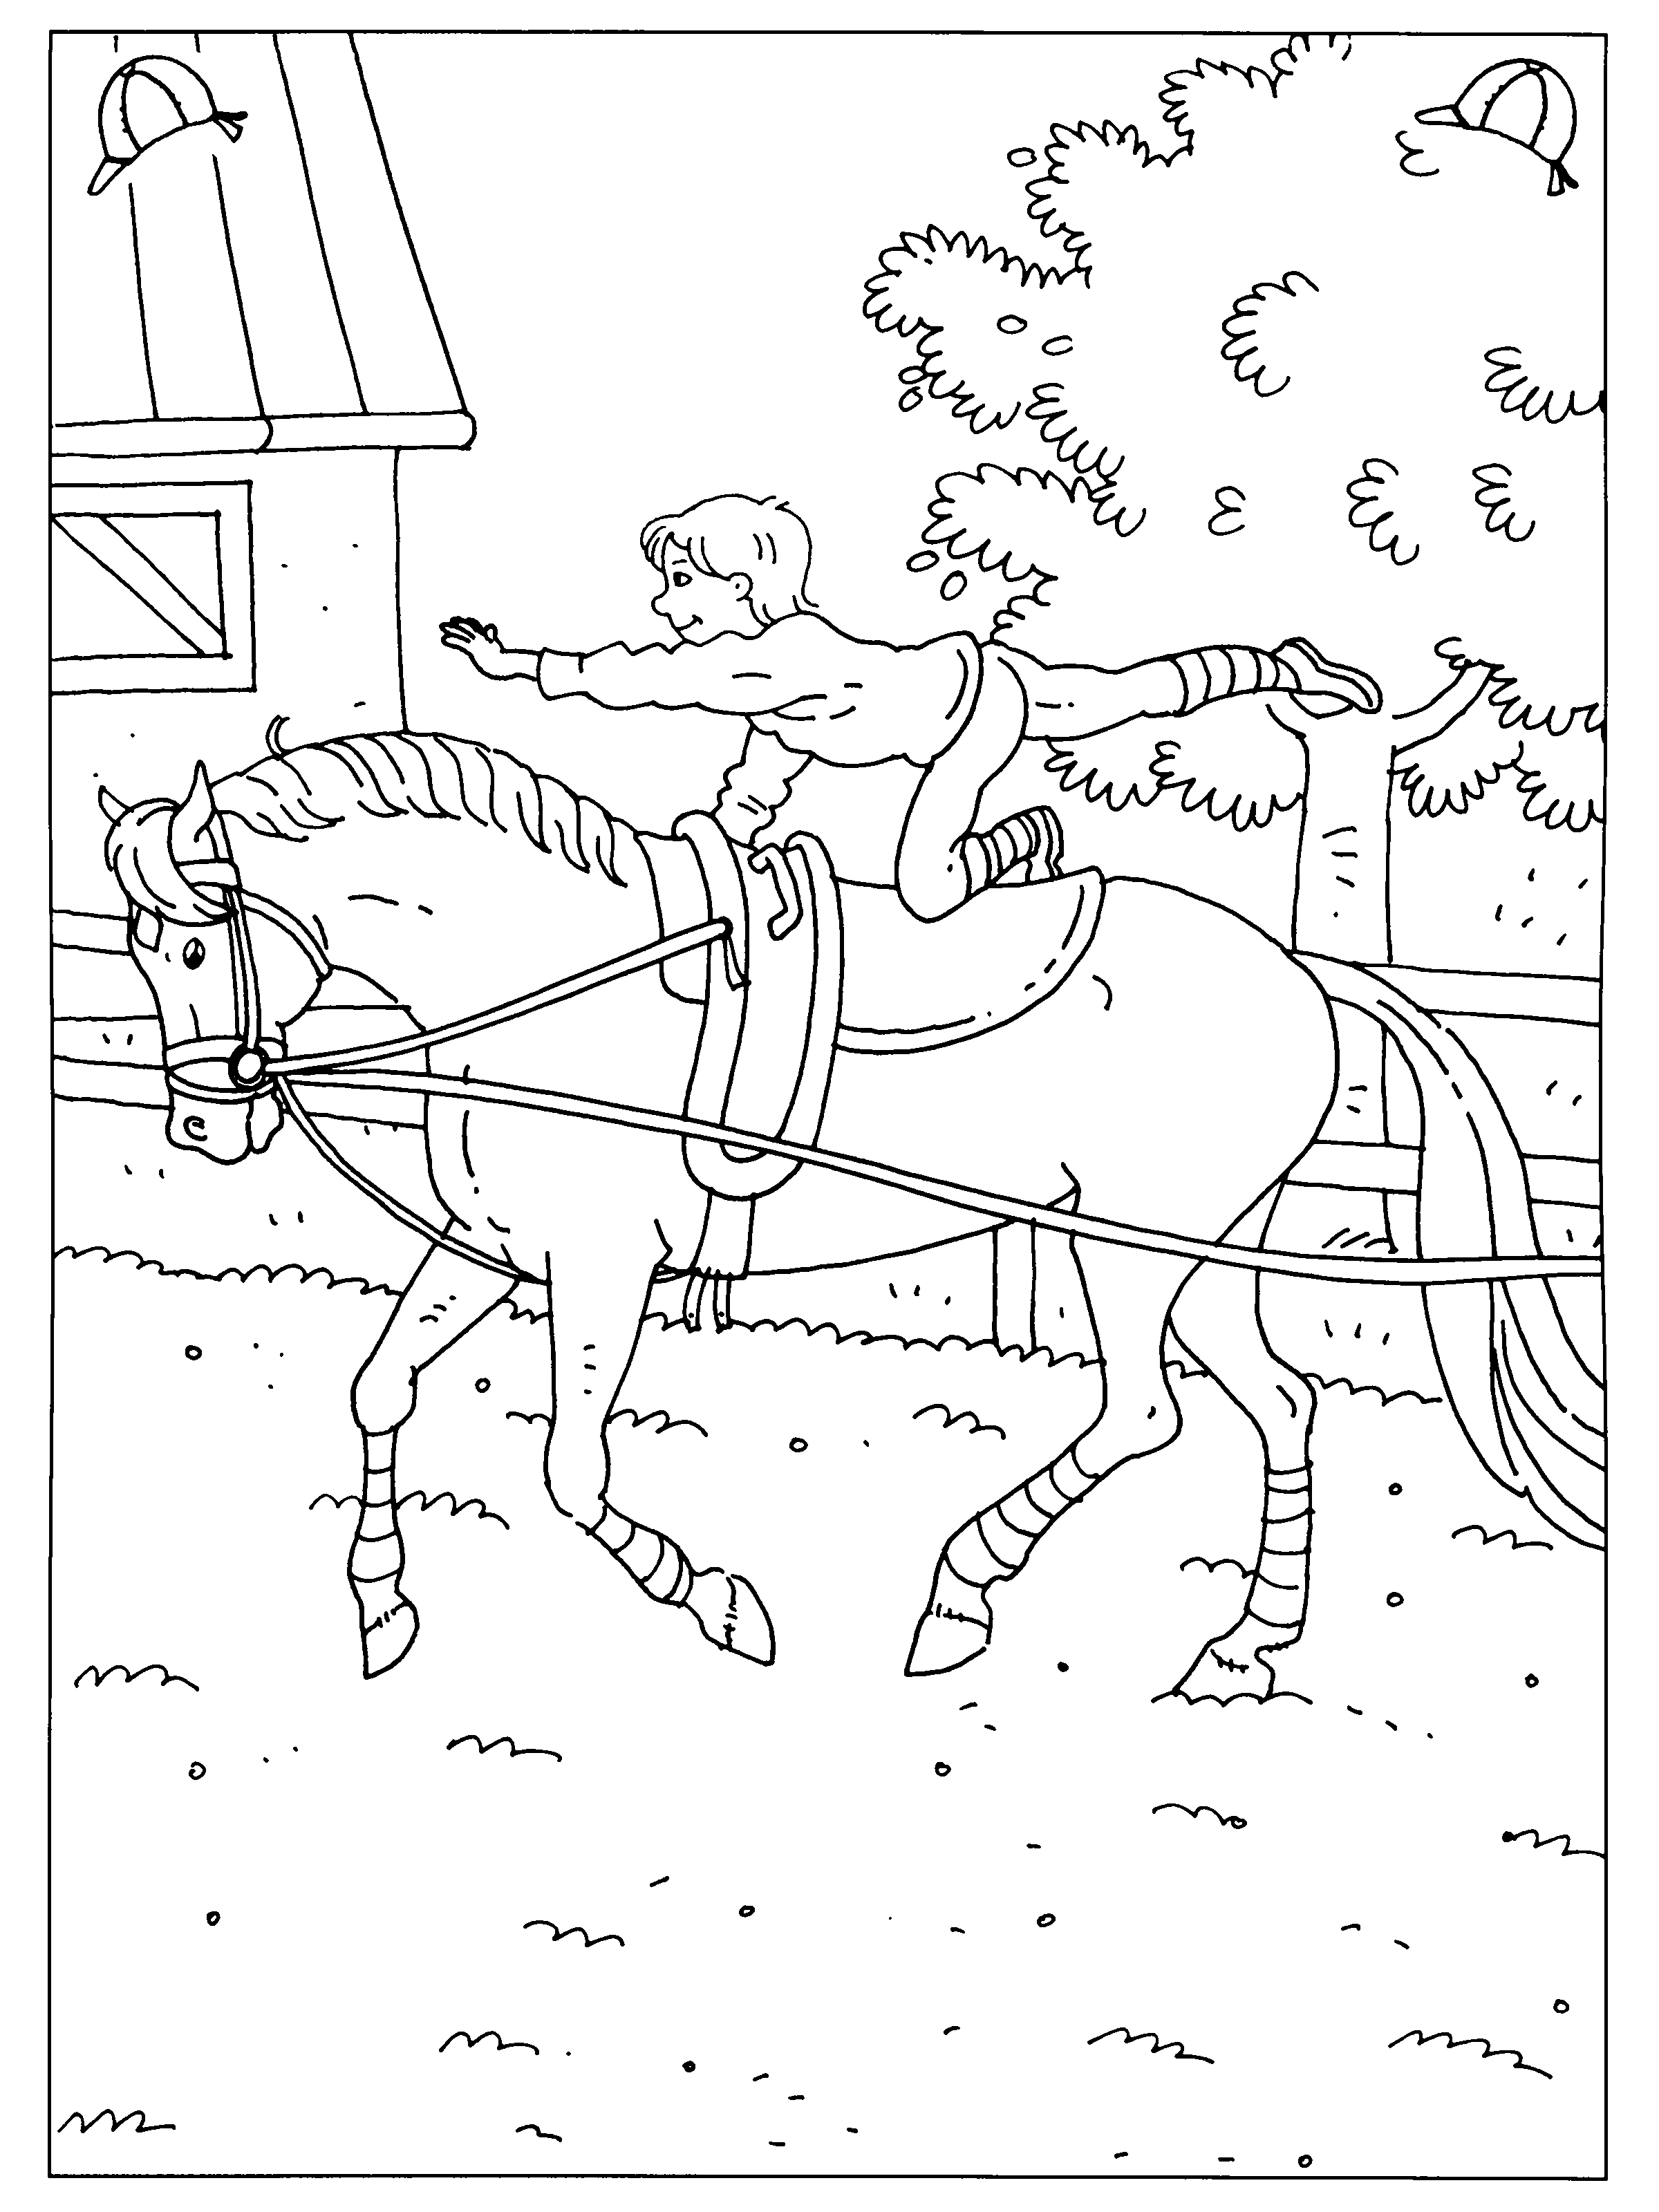 elegante kleurplaten paarden springen krijg duizenden